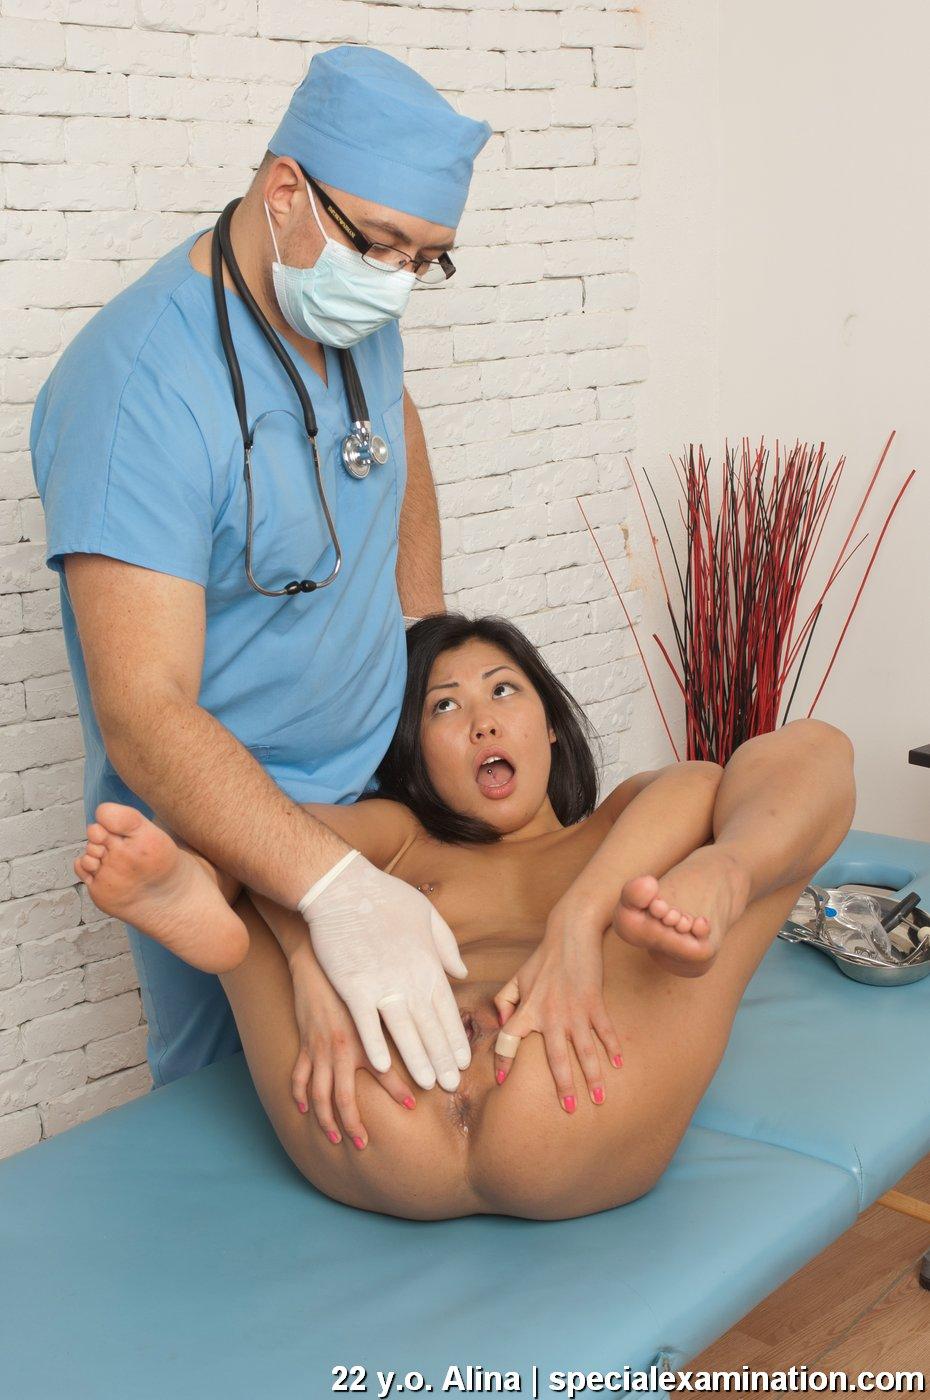 китайский гинеколог снял клиентку для такого